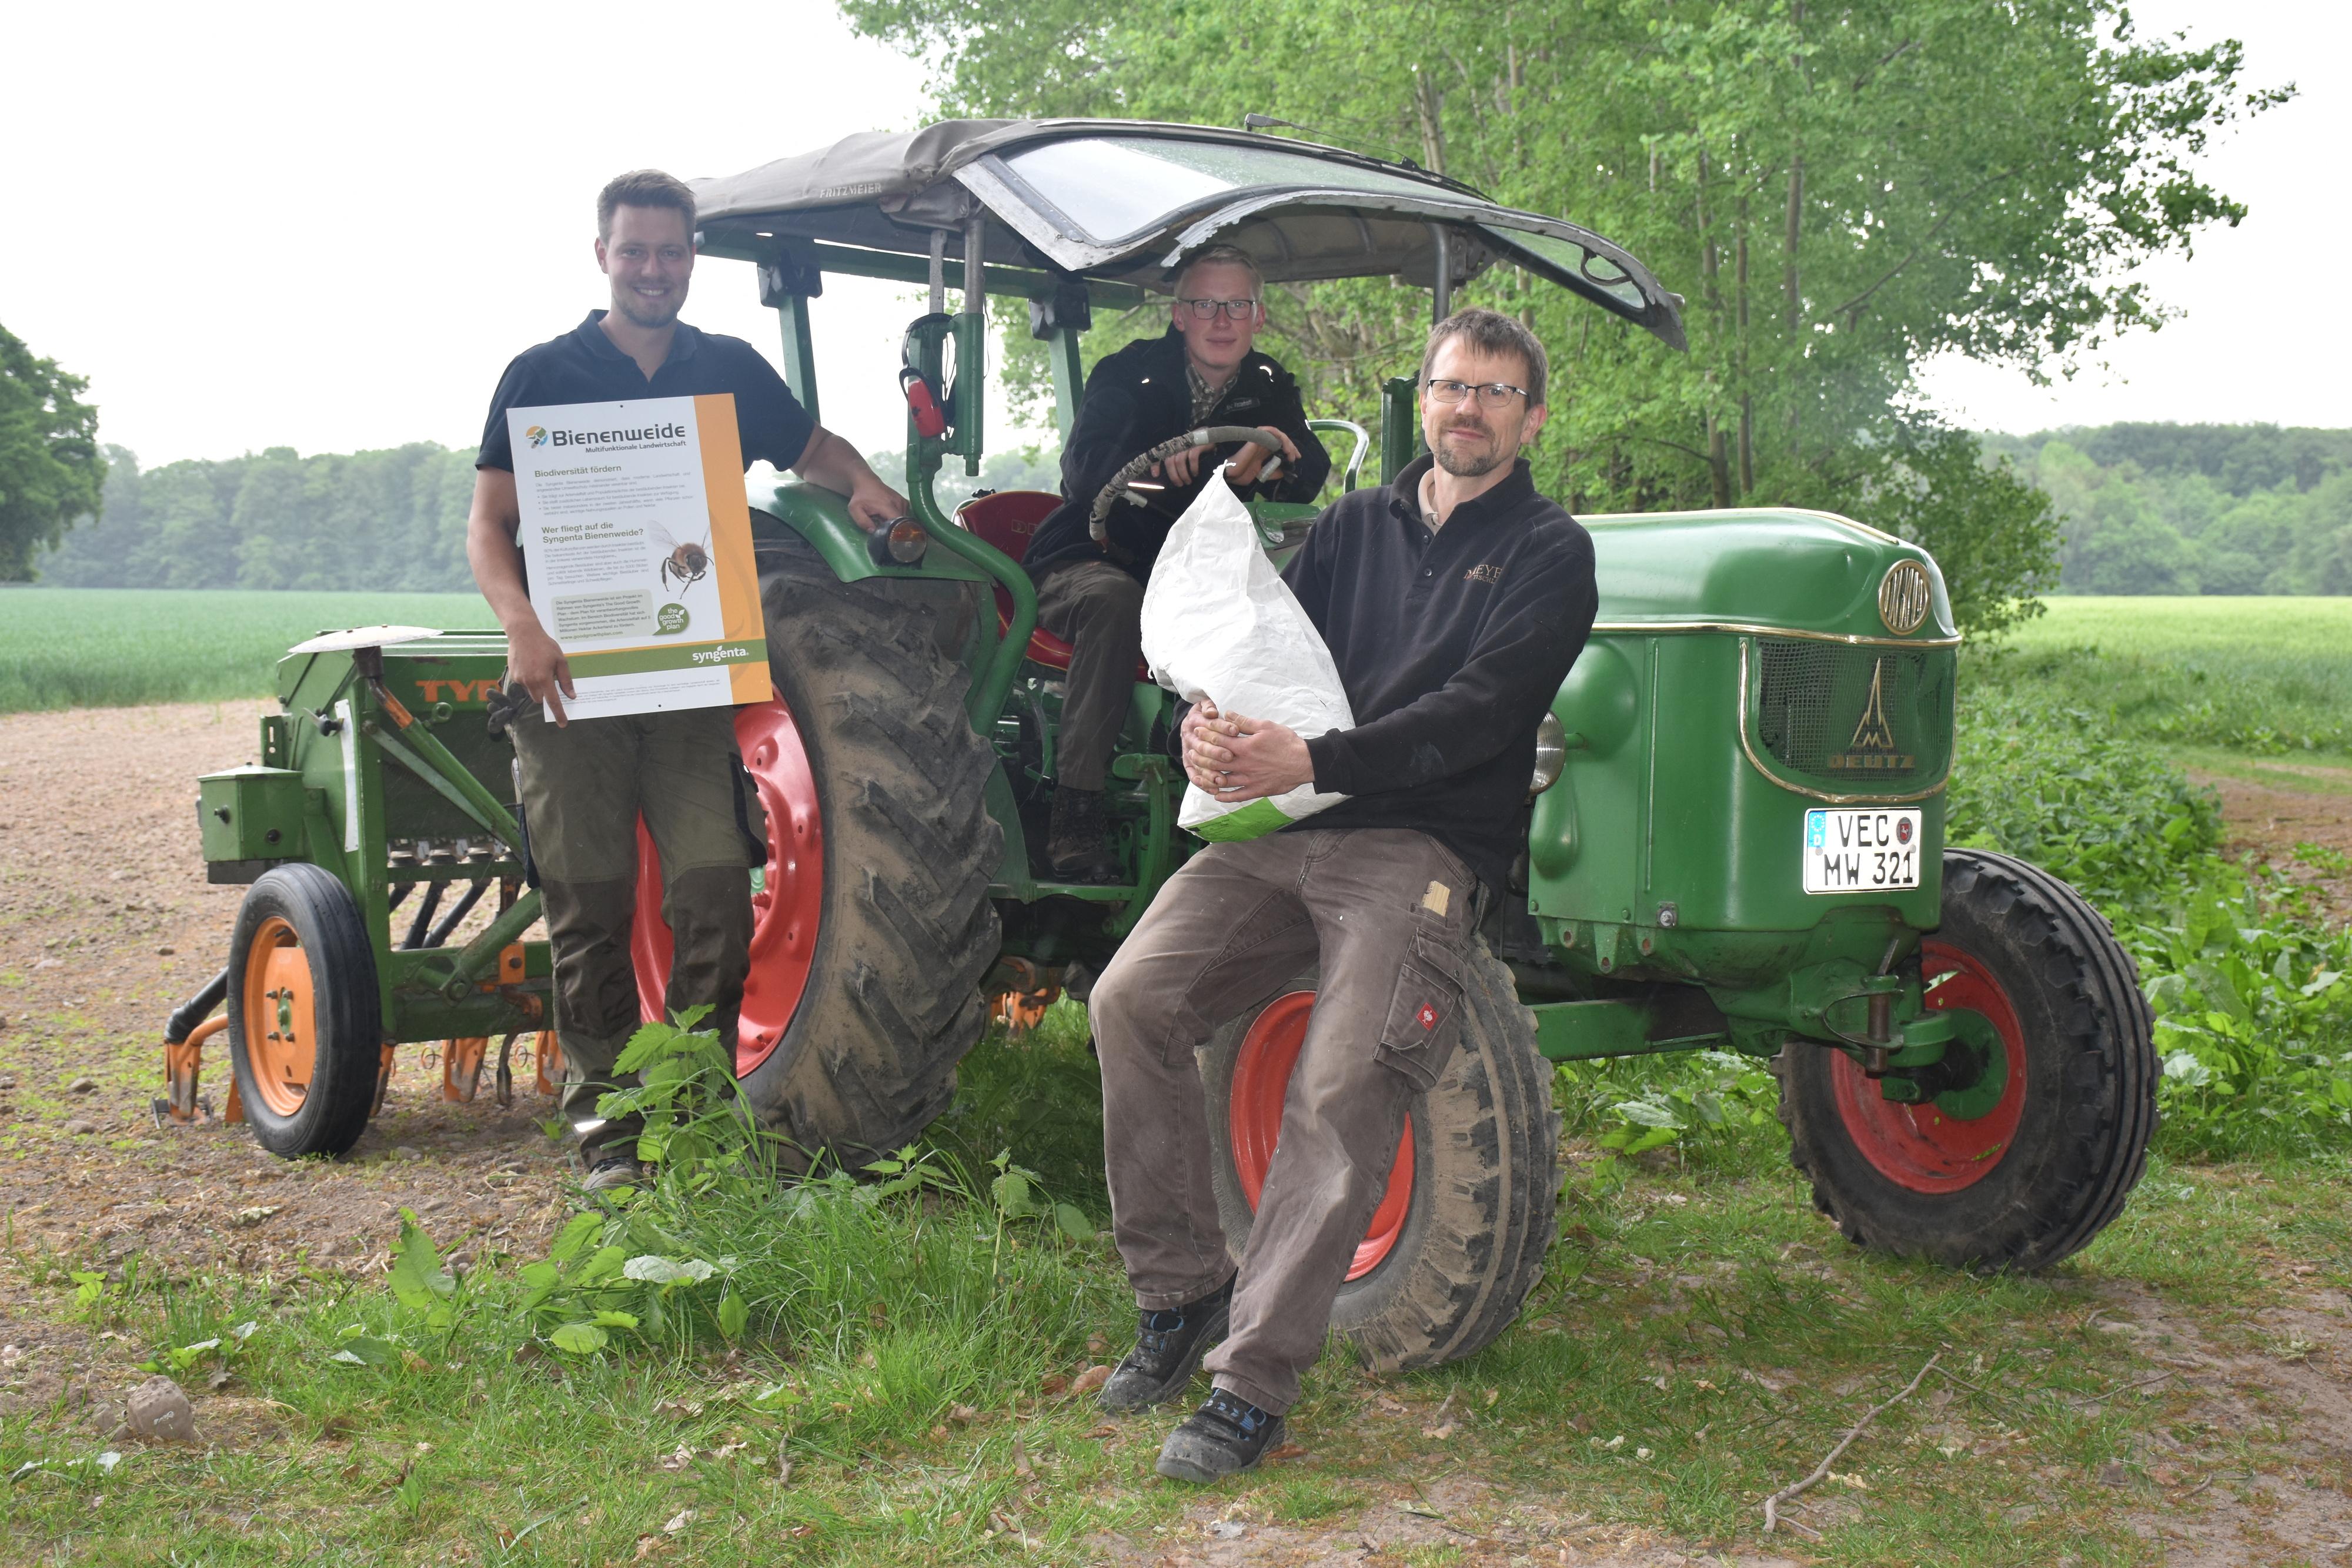 Haben fleißig Saatgut in die Erde gebracht: (von links) Johannes Kohls, Markus Westerhoff und Wolfgang Meyer vor und auf der Sämaschine. Foto: Ferber